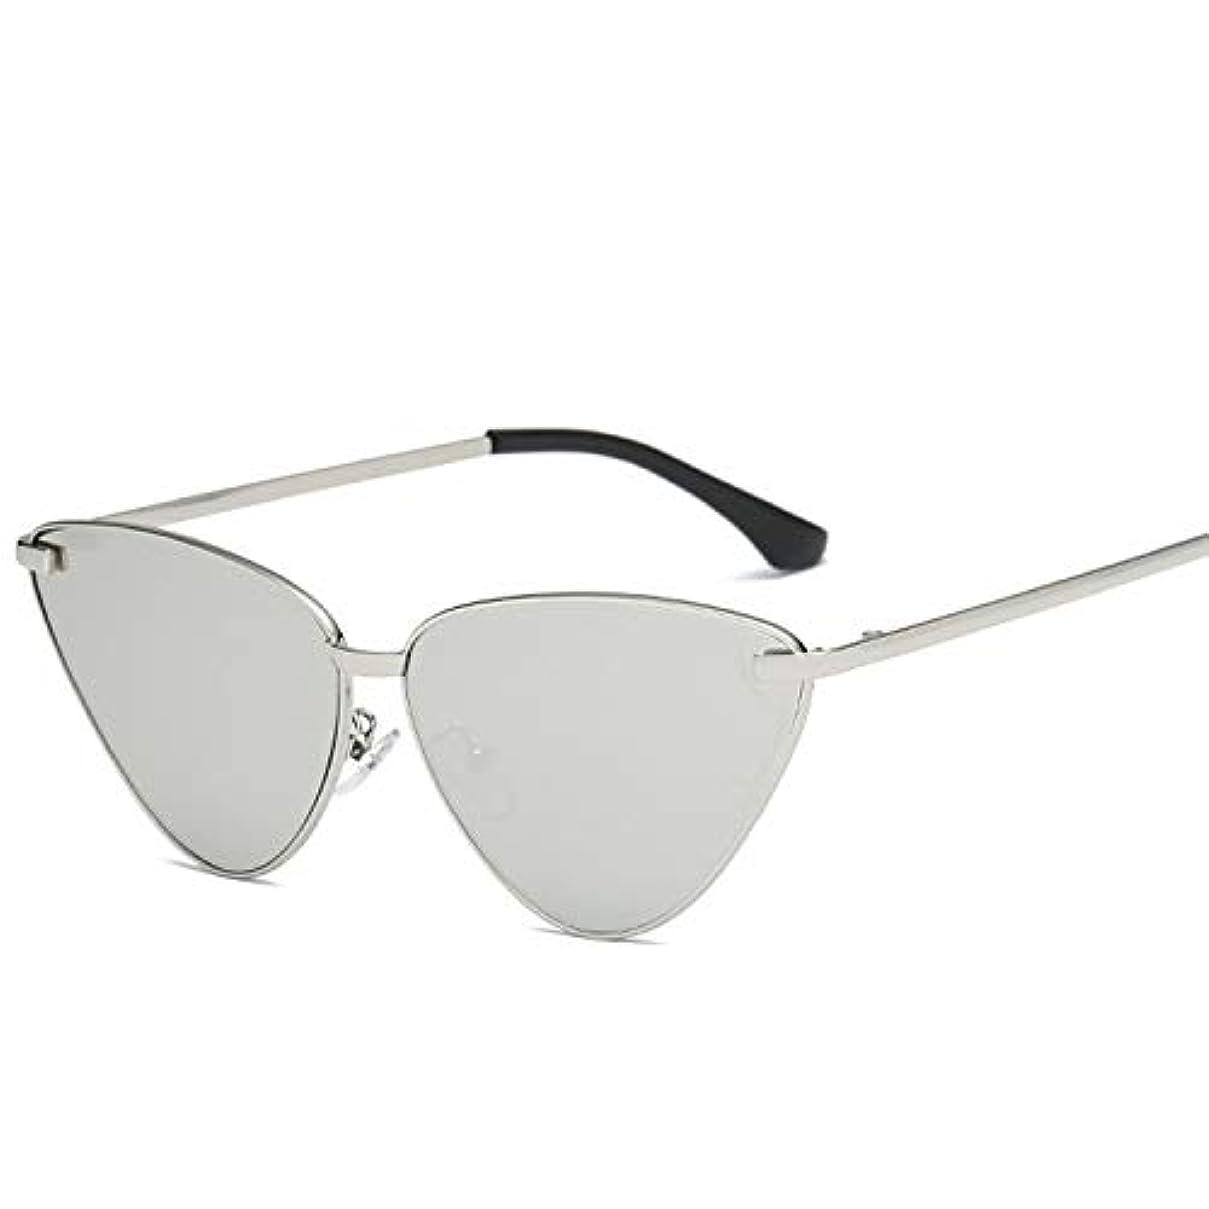 移動葉を拾う白雪姫Diffomatealliance Glasses メガネヴィンテージキャットアイミラーフラットレンズメタルフレームサングラスUV400用女性